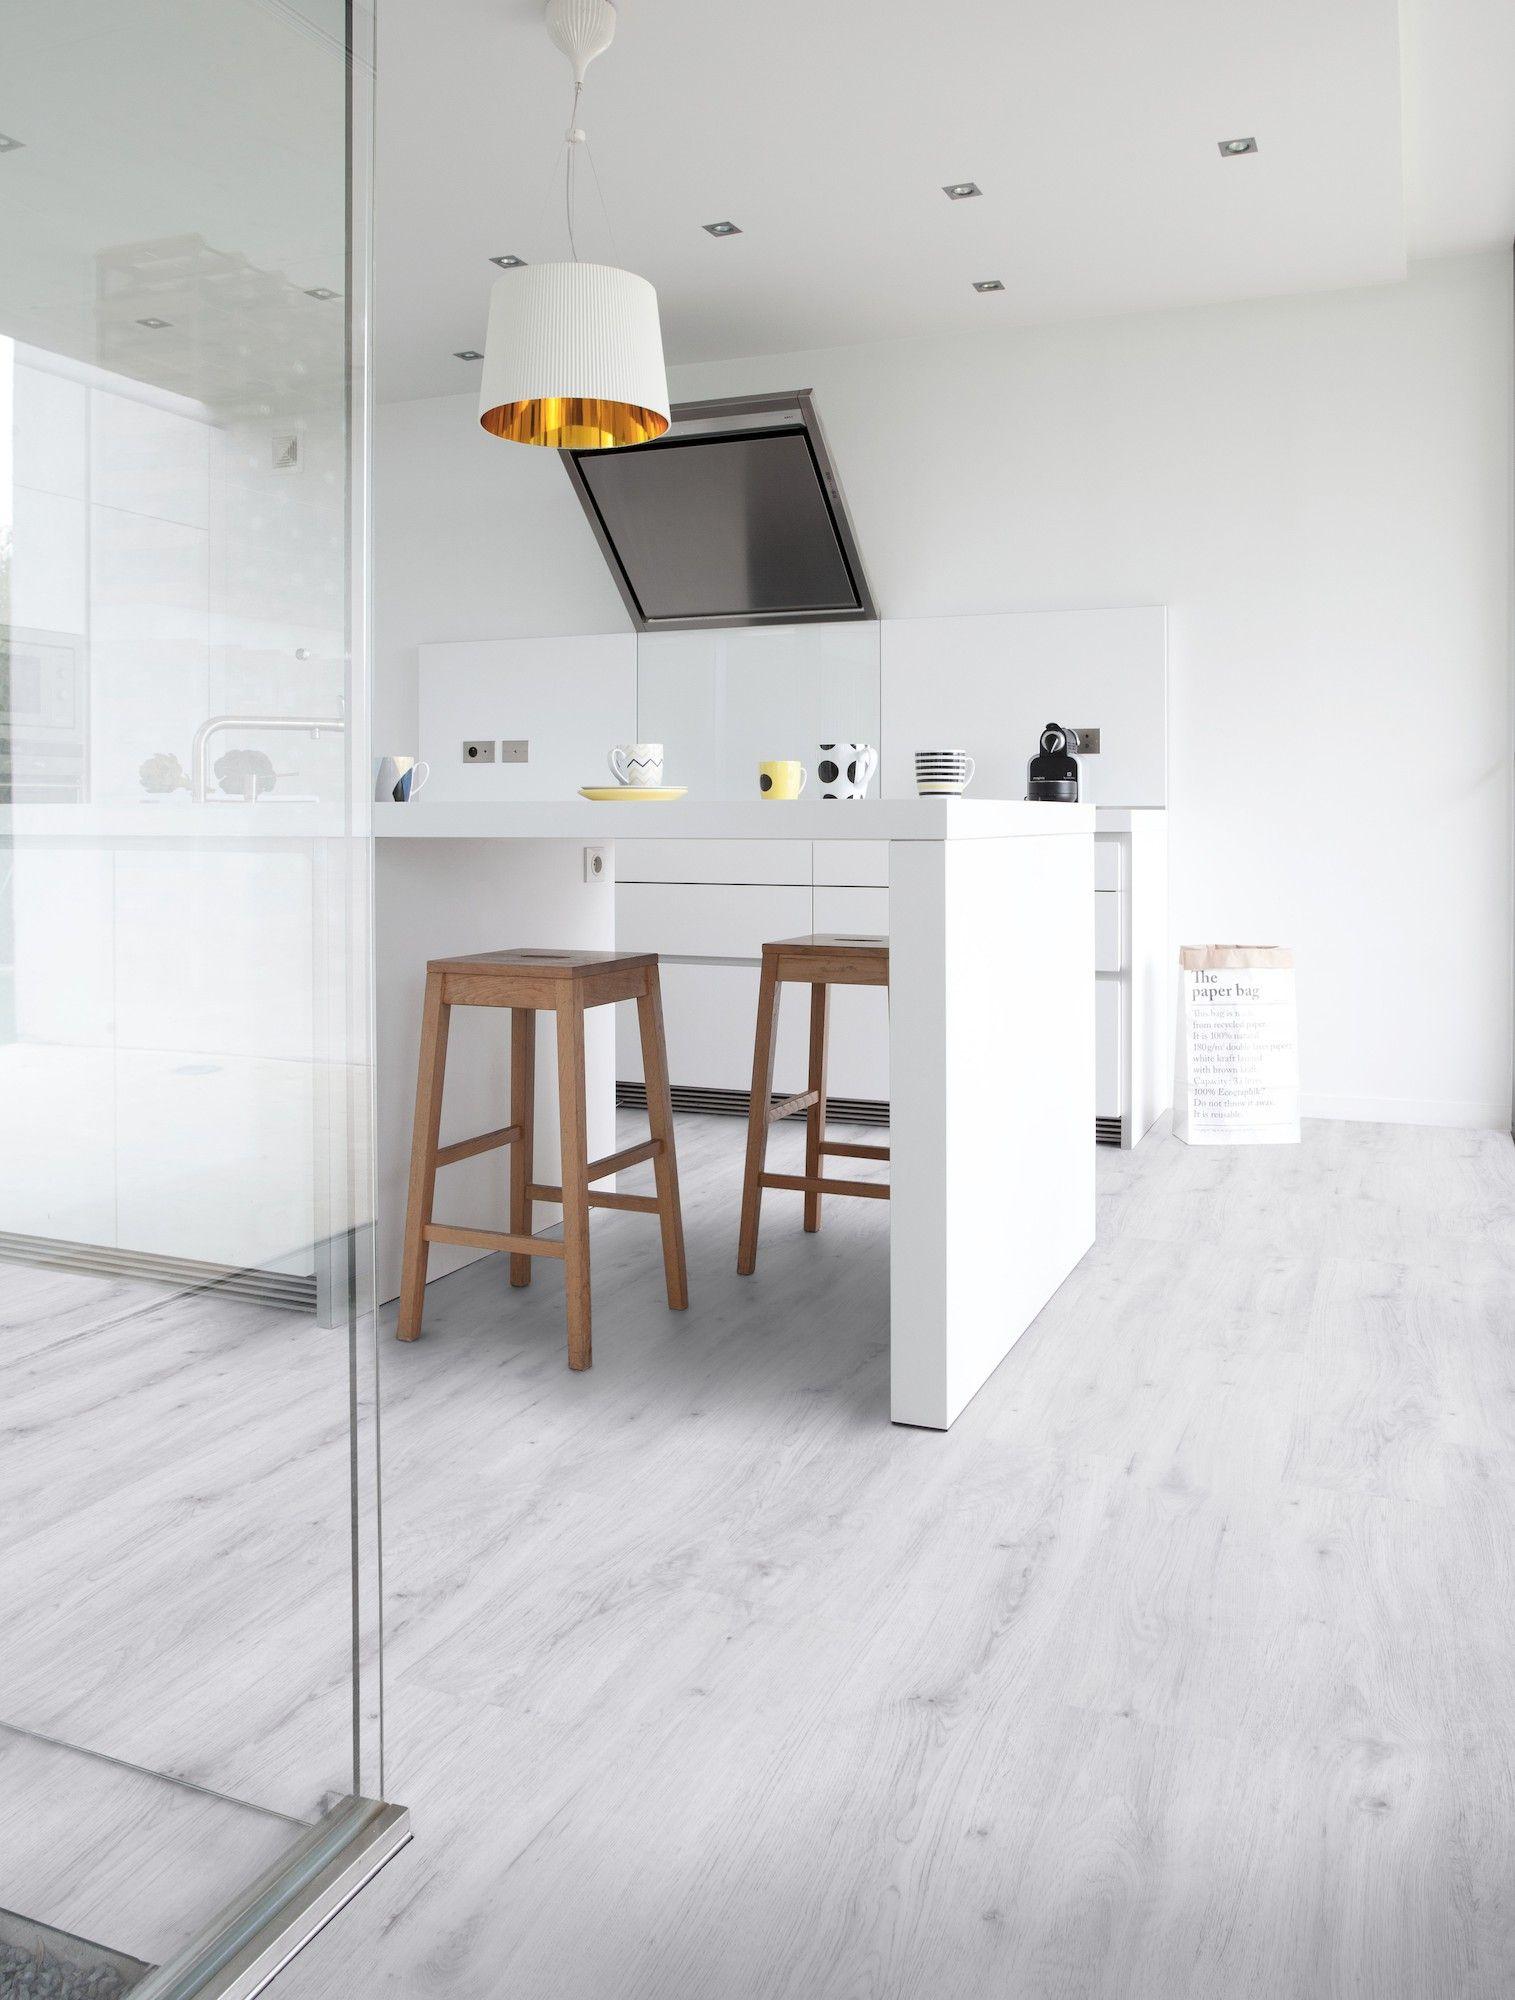 Selbstklebender Vinylboden für die Küche